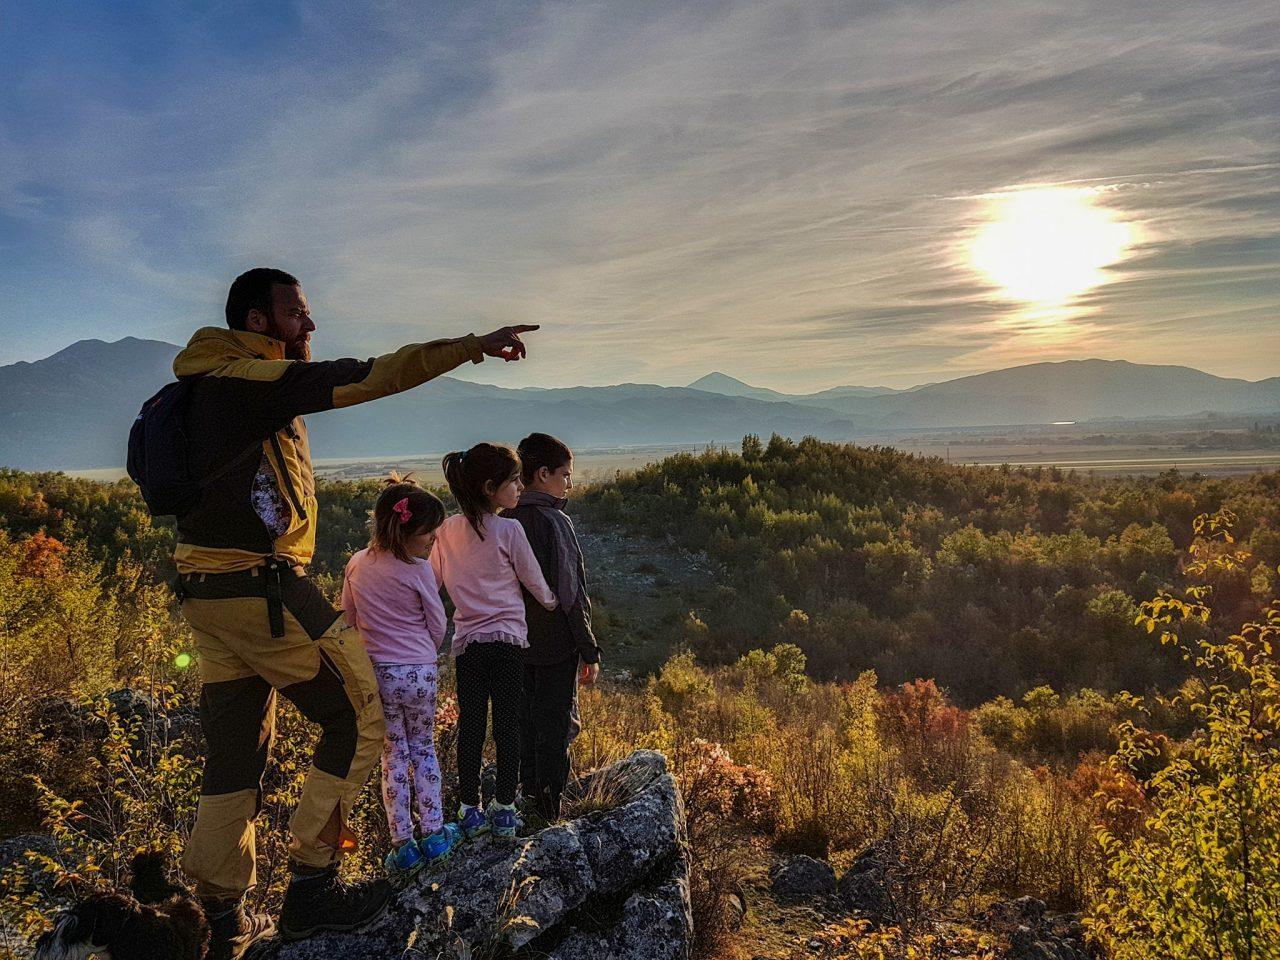 Deset priča portala Share Montenegro koje ste obožavali